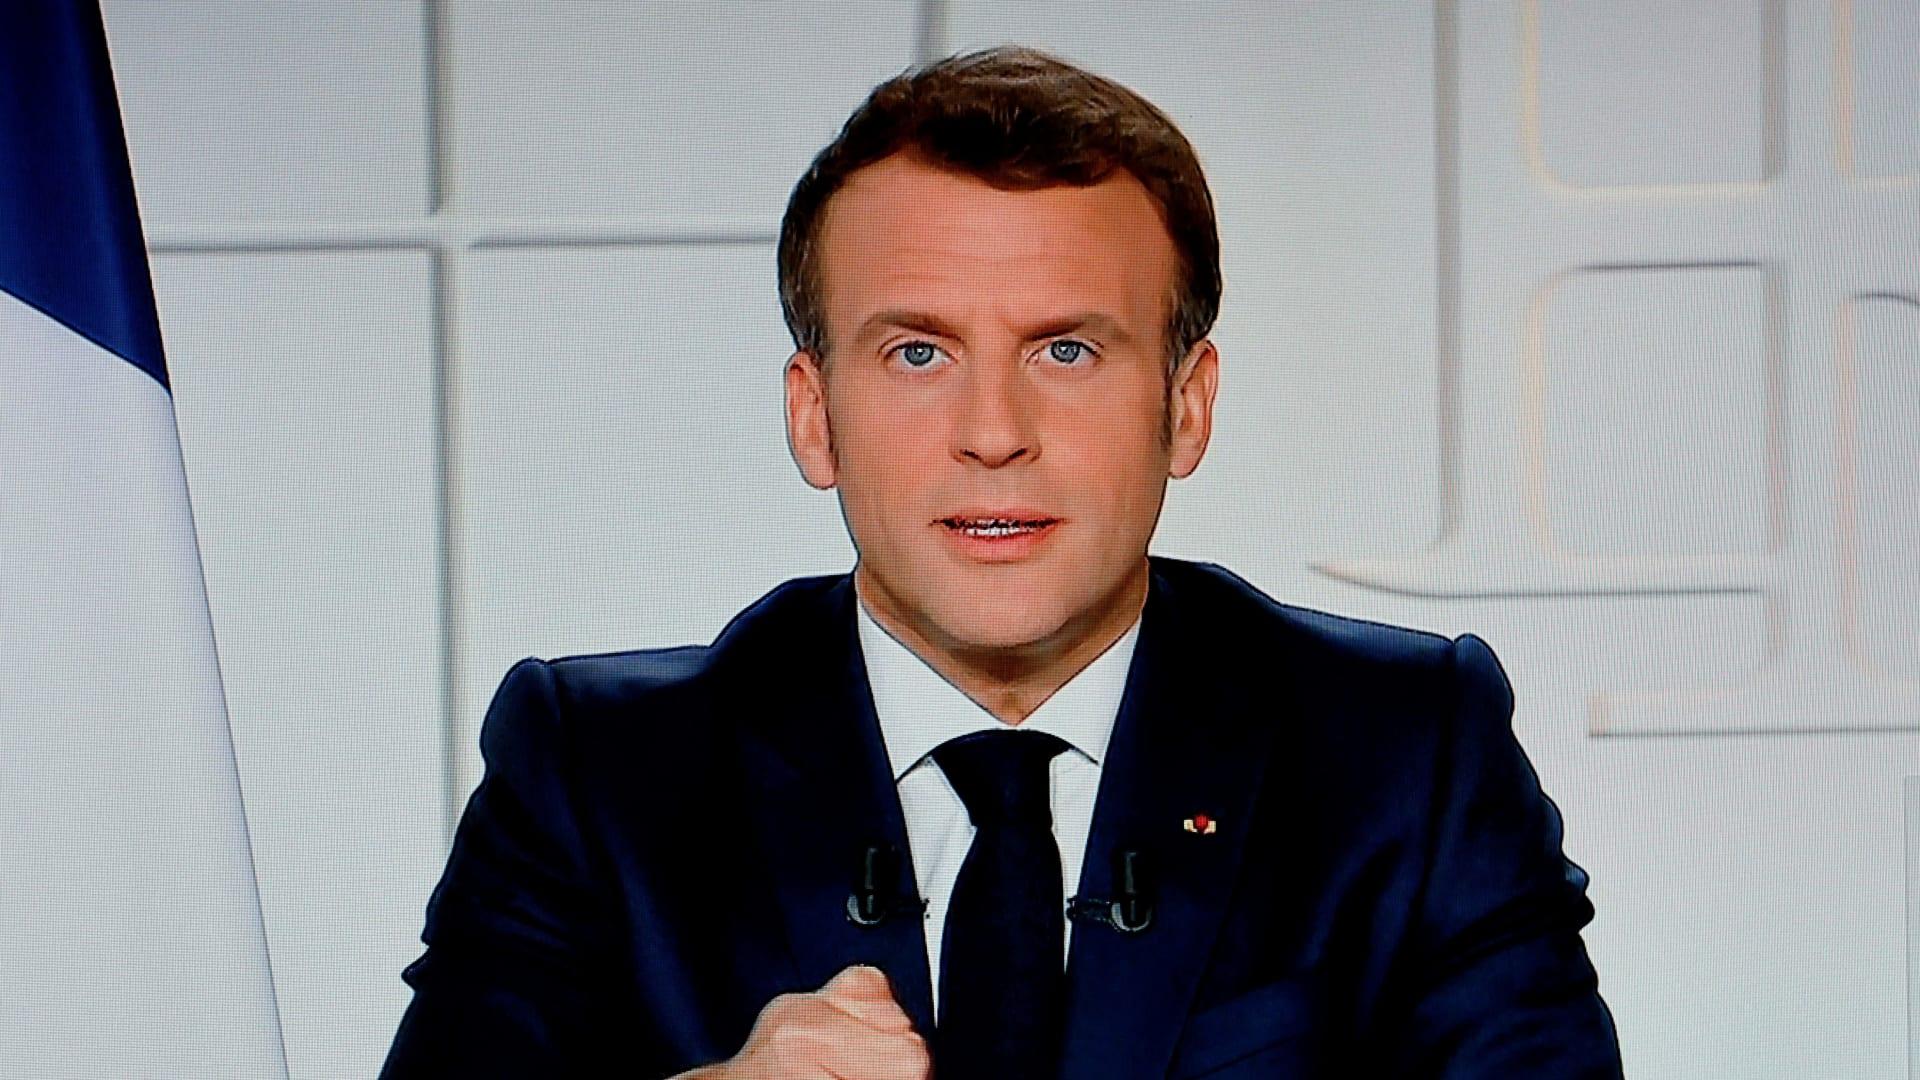 """ماكرون يعلن تمديد الإغلاق الجزئي في فرنسا.. ويحذر من """"فقد السيطرة"""" على كورونا"""